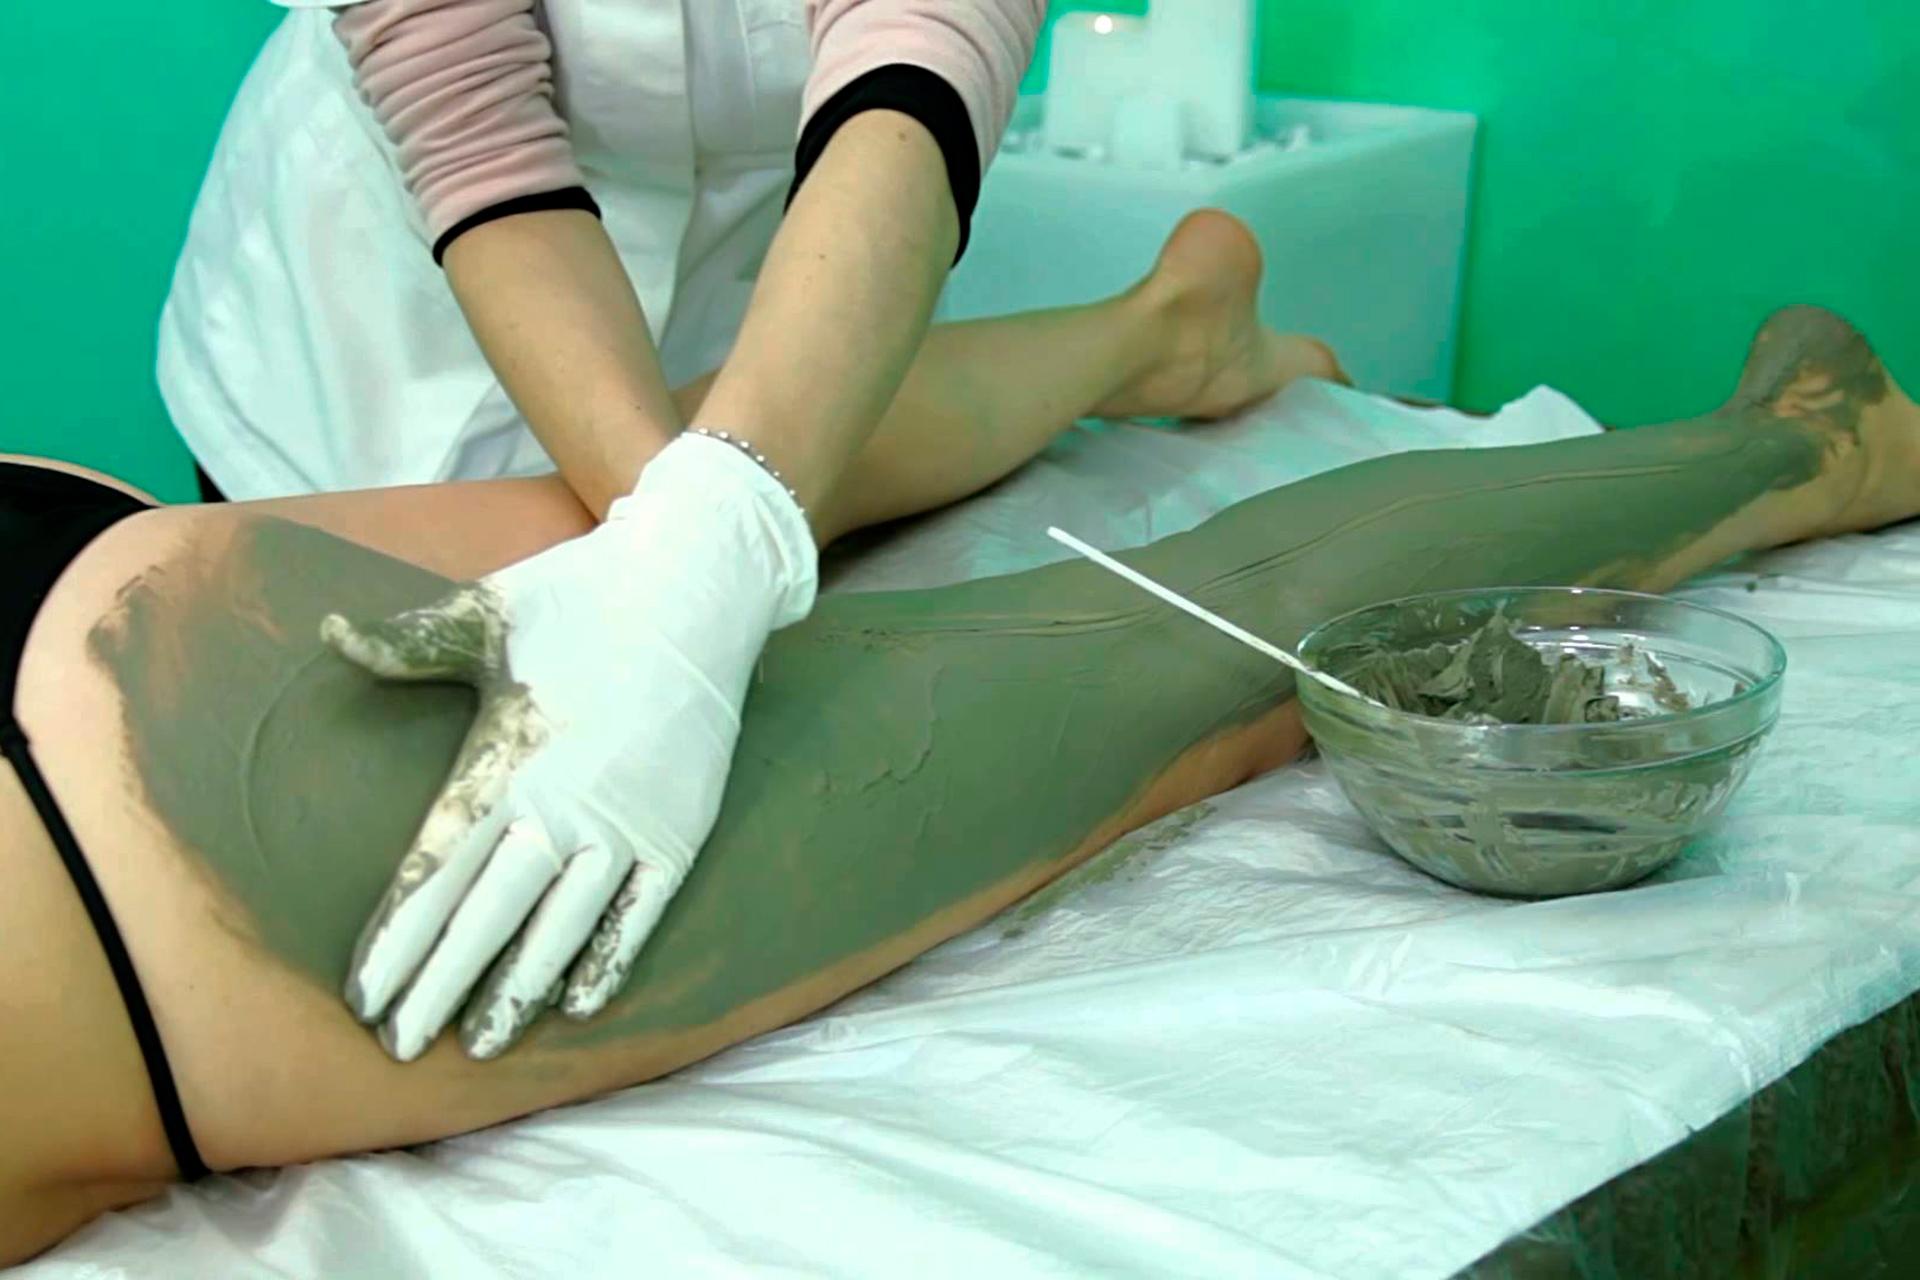 Tretman tijela Guam algama